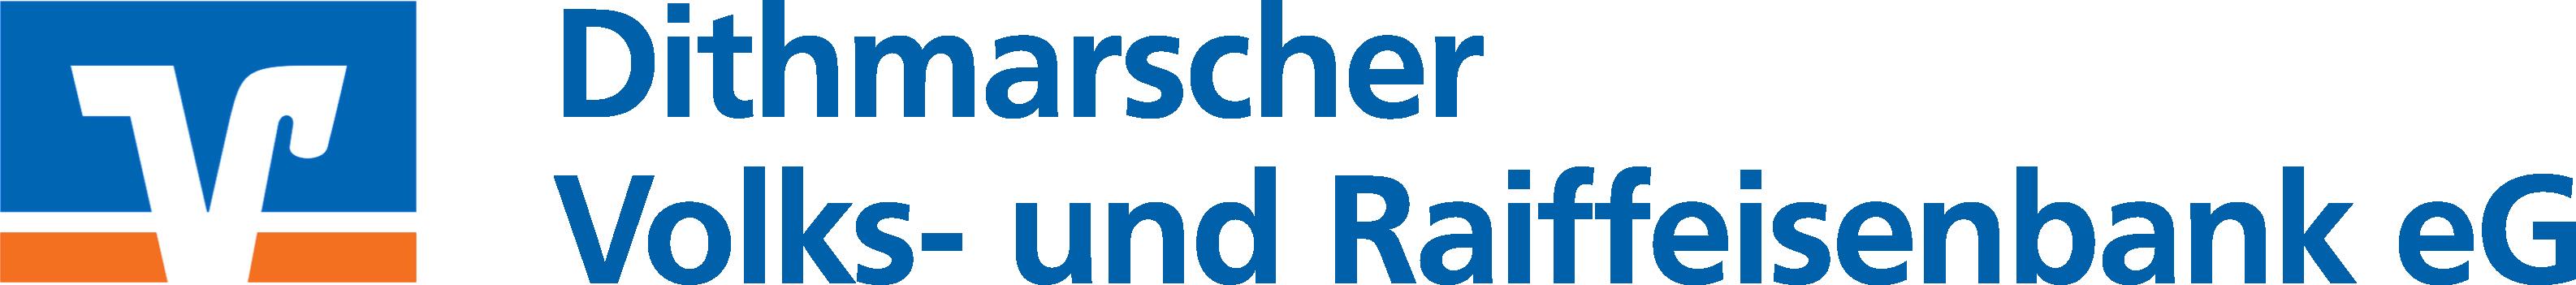 Dithmarscher Volks- und Raiffeisenbank eG Logo